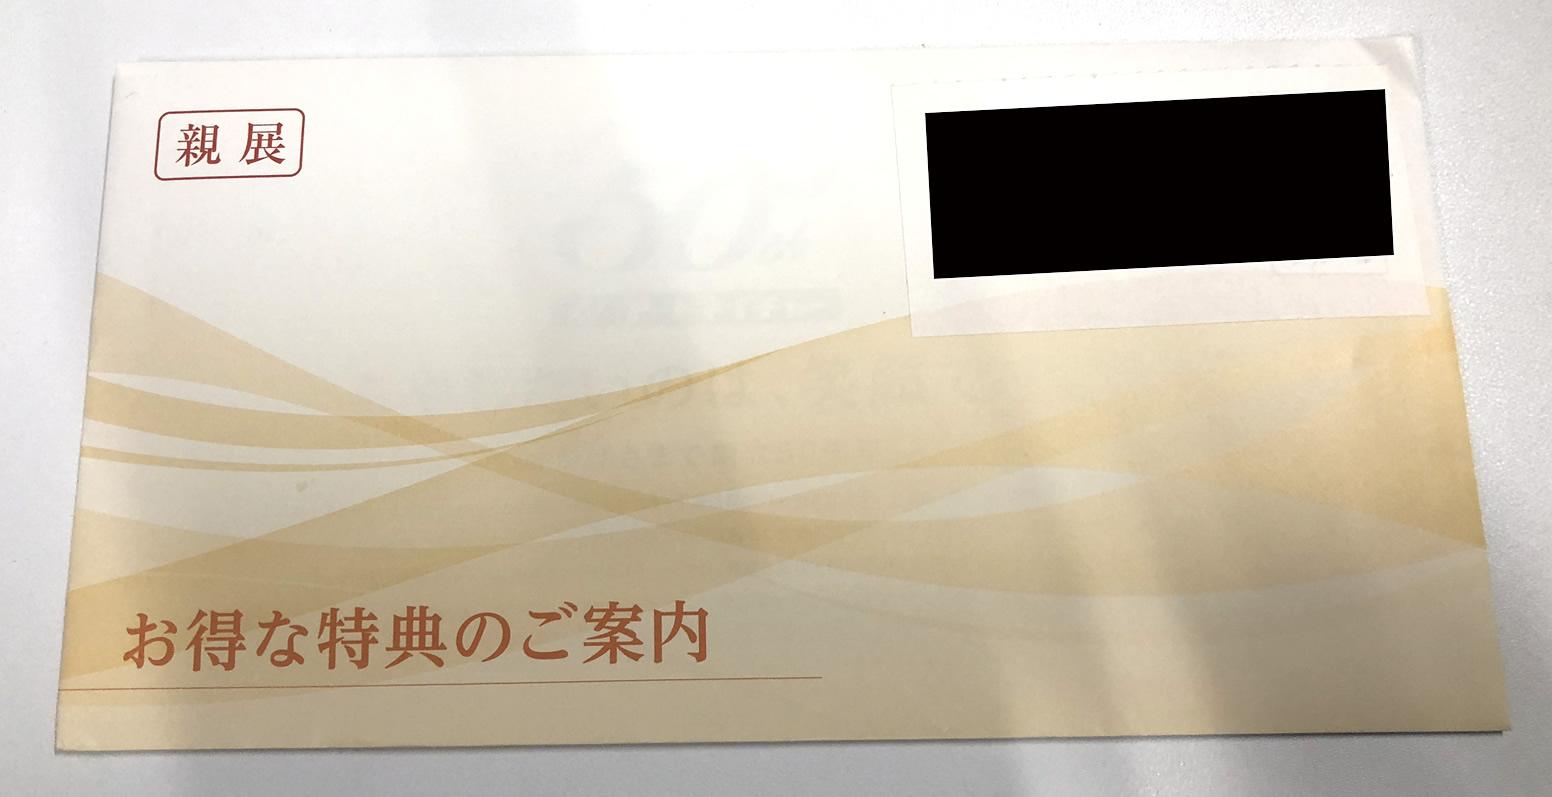 正月早々、僕宛に届いた謎の封筒